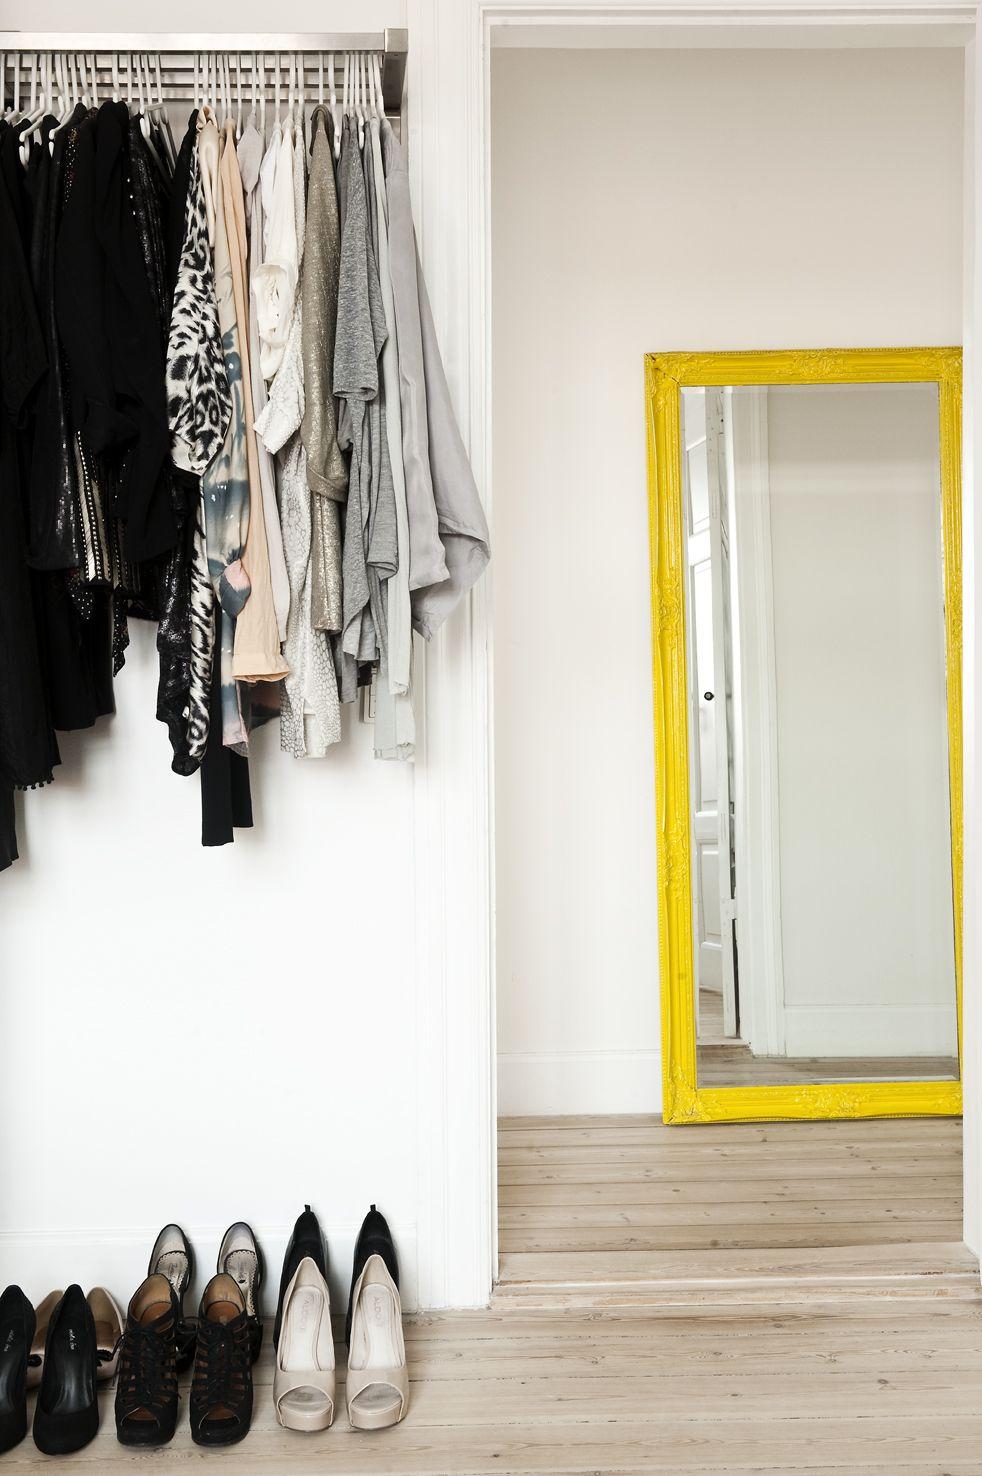 Grand miroir de sol avec cadre jaune